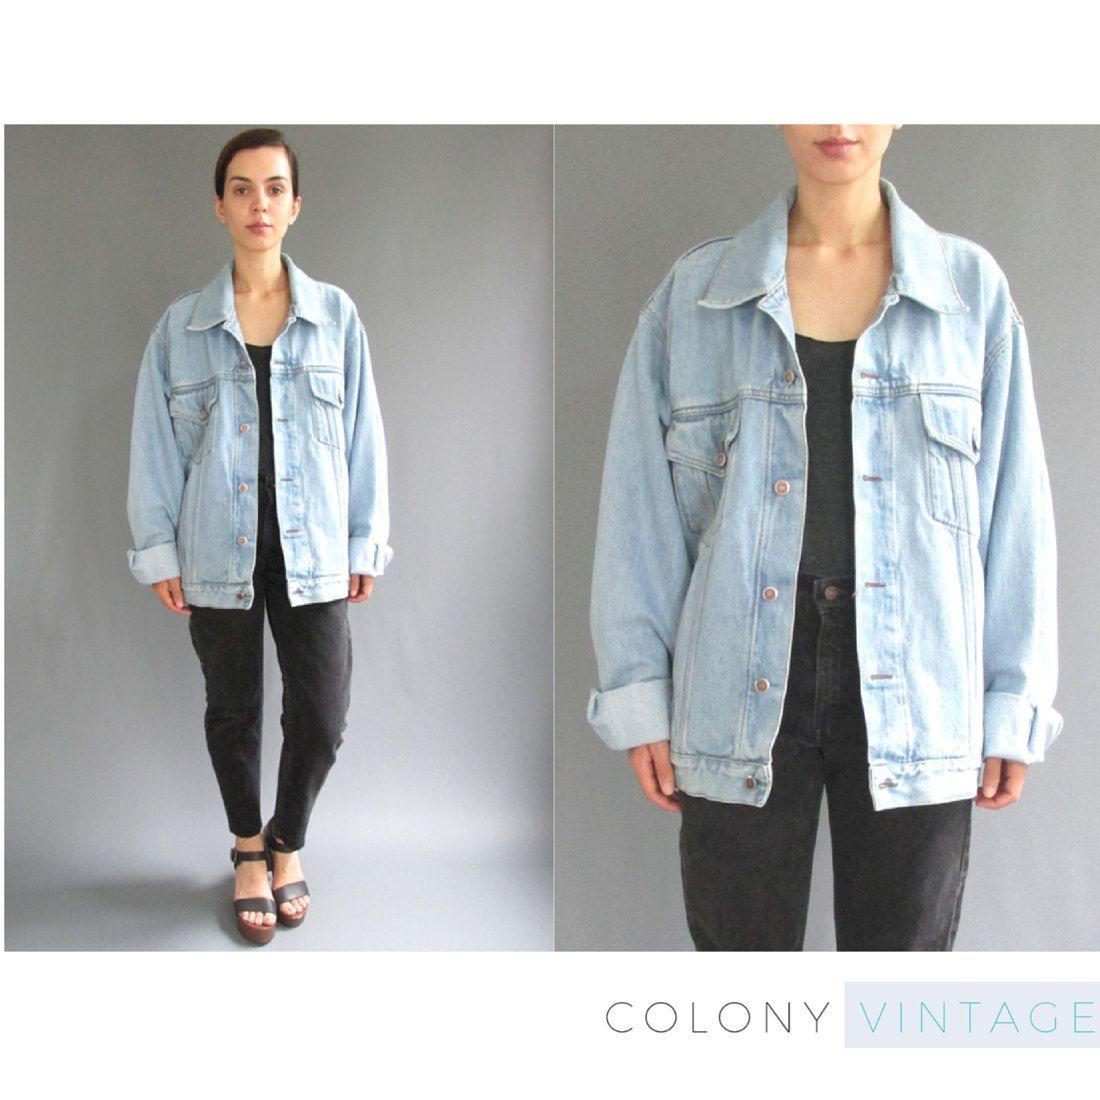 cc09ceb9eaed8 New to ColonyVtg on Etsy  90s Oversized Light Wash Denim Jacket Medium Large  - Womens Vintage Jean Jacket Medium - Vintage 90s Jacket - Oversized Jean  ...